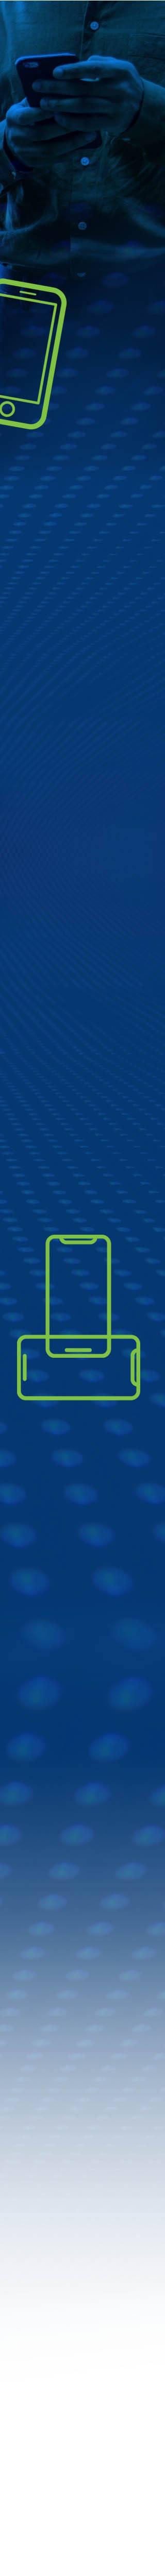 טלפונים סלולרים וסמארטפונים